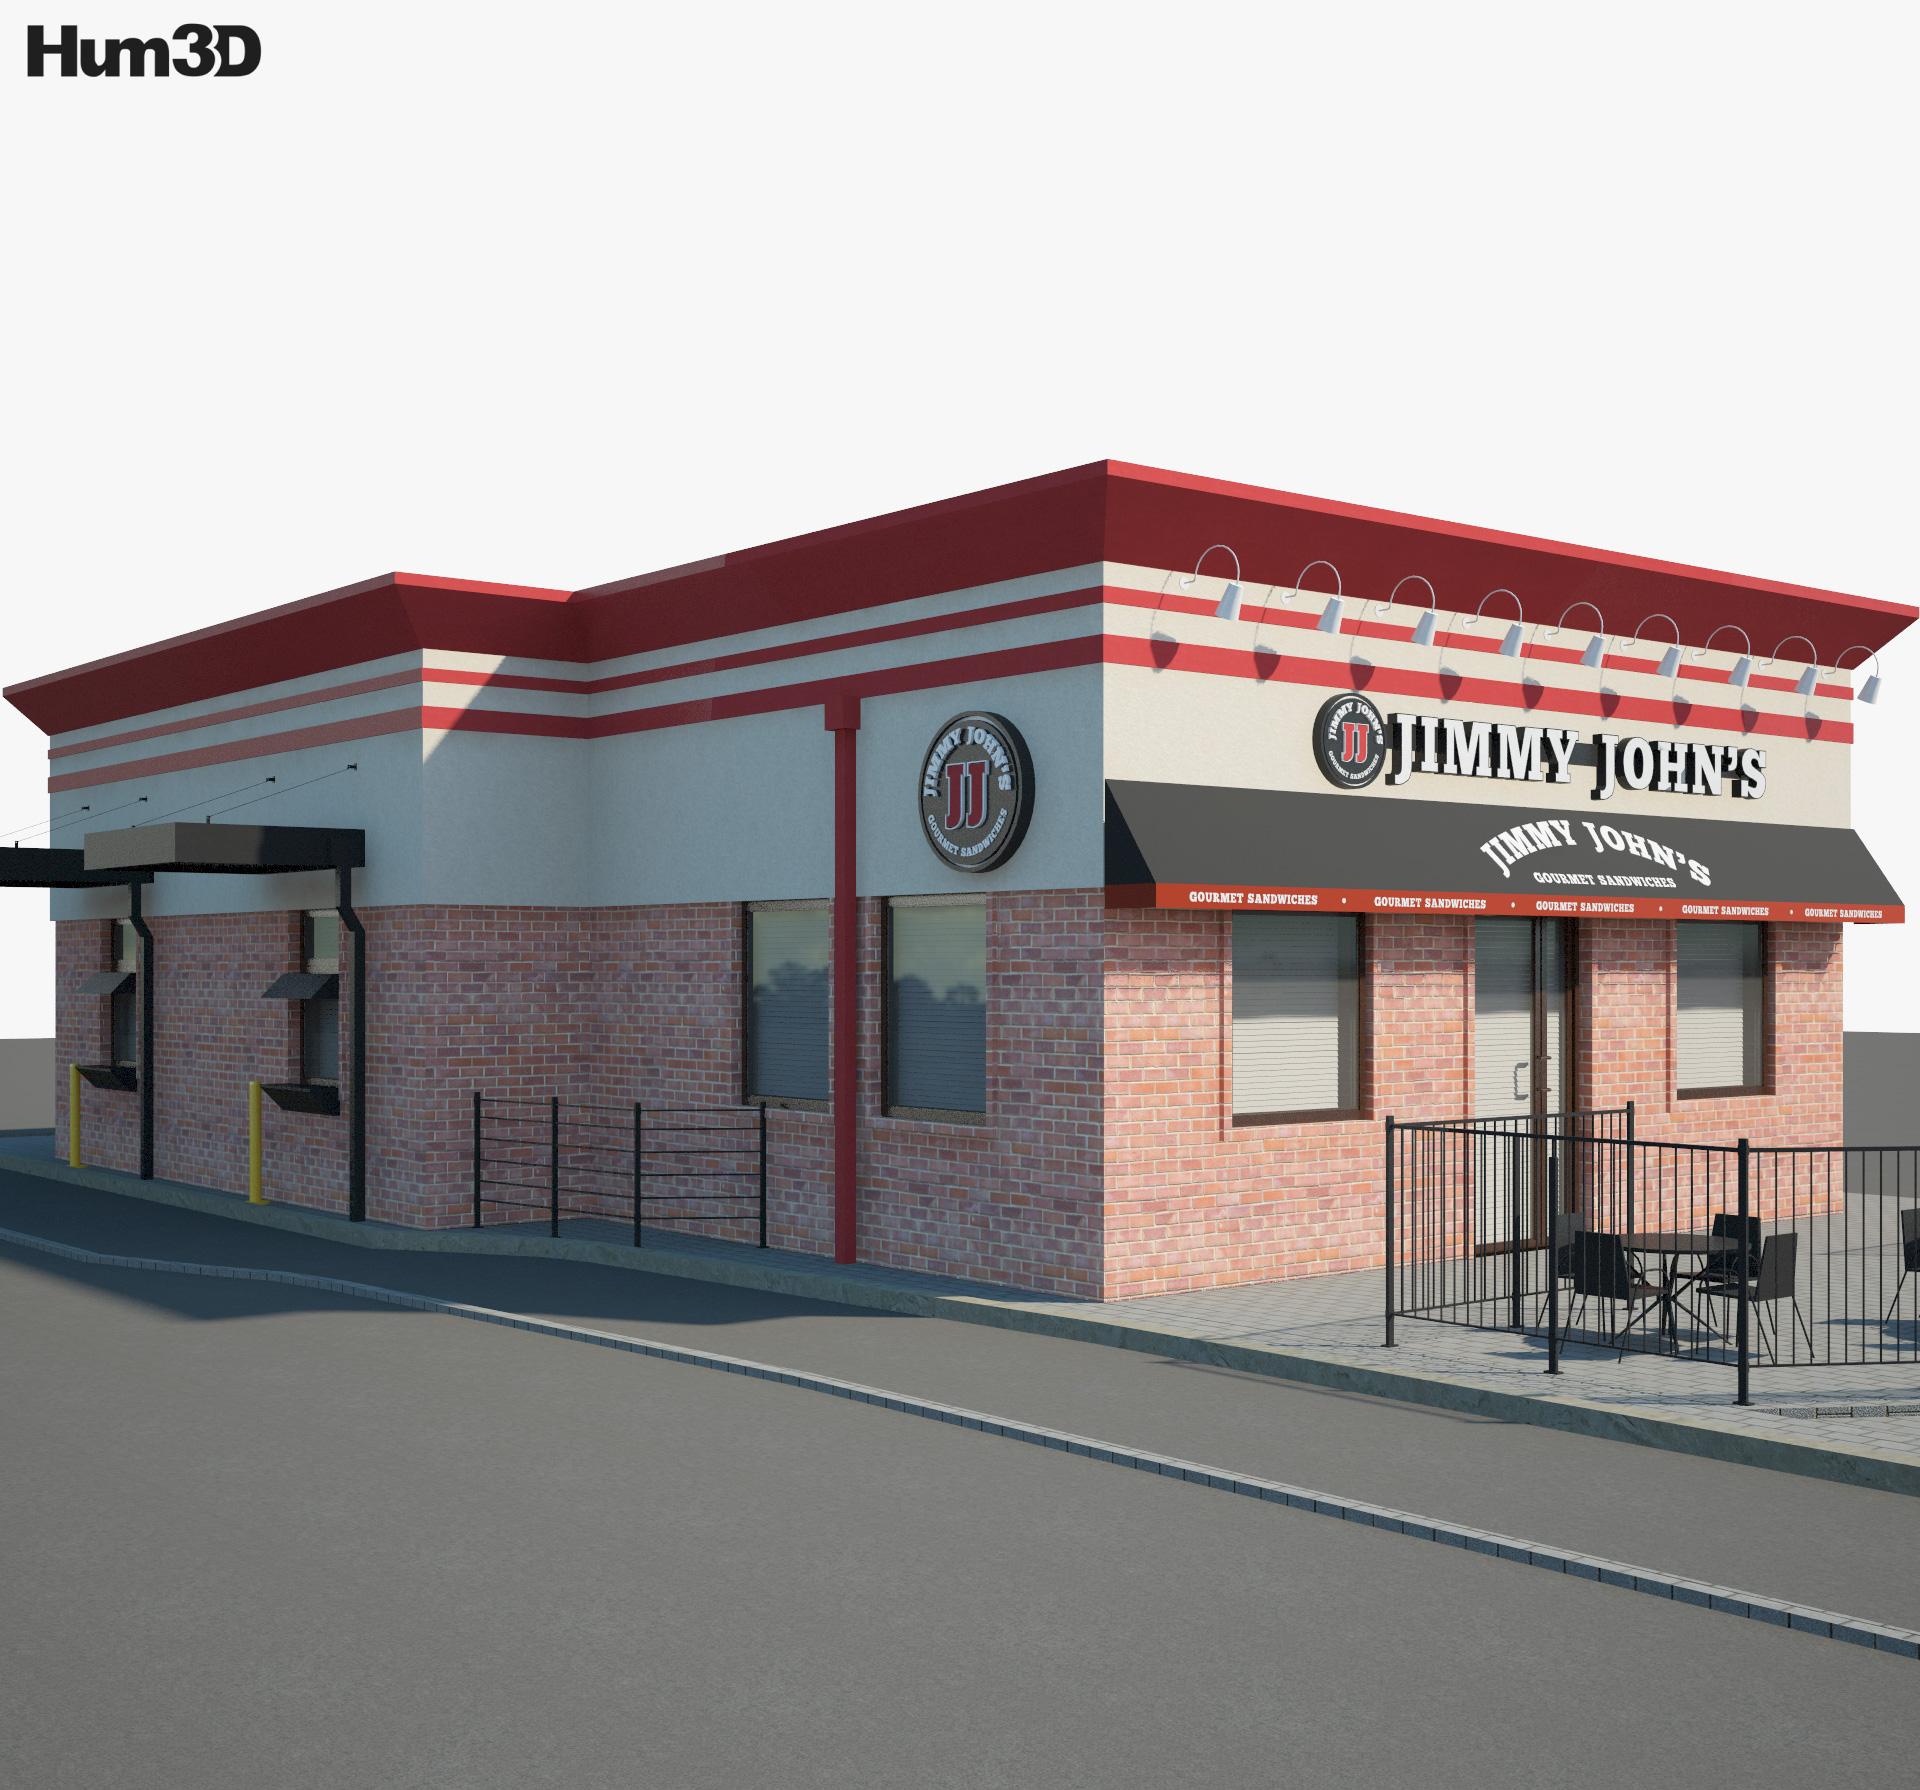 Jimmy John's Restaurant 02 3d model